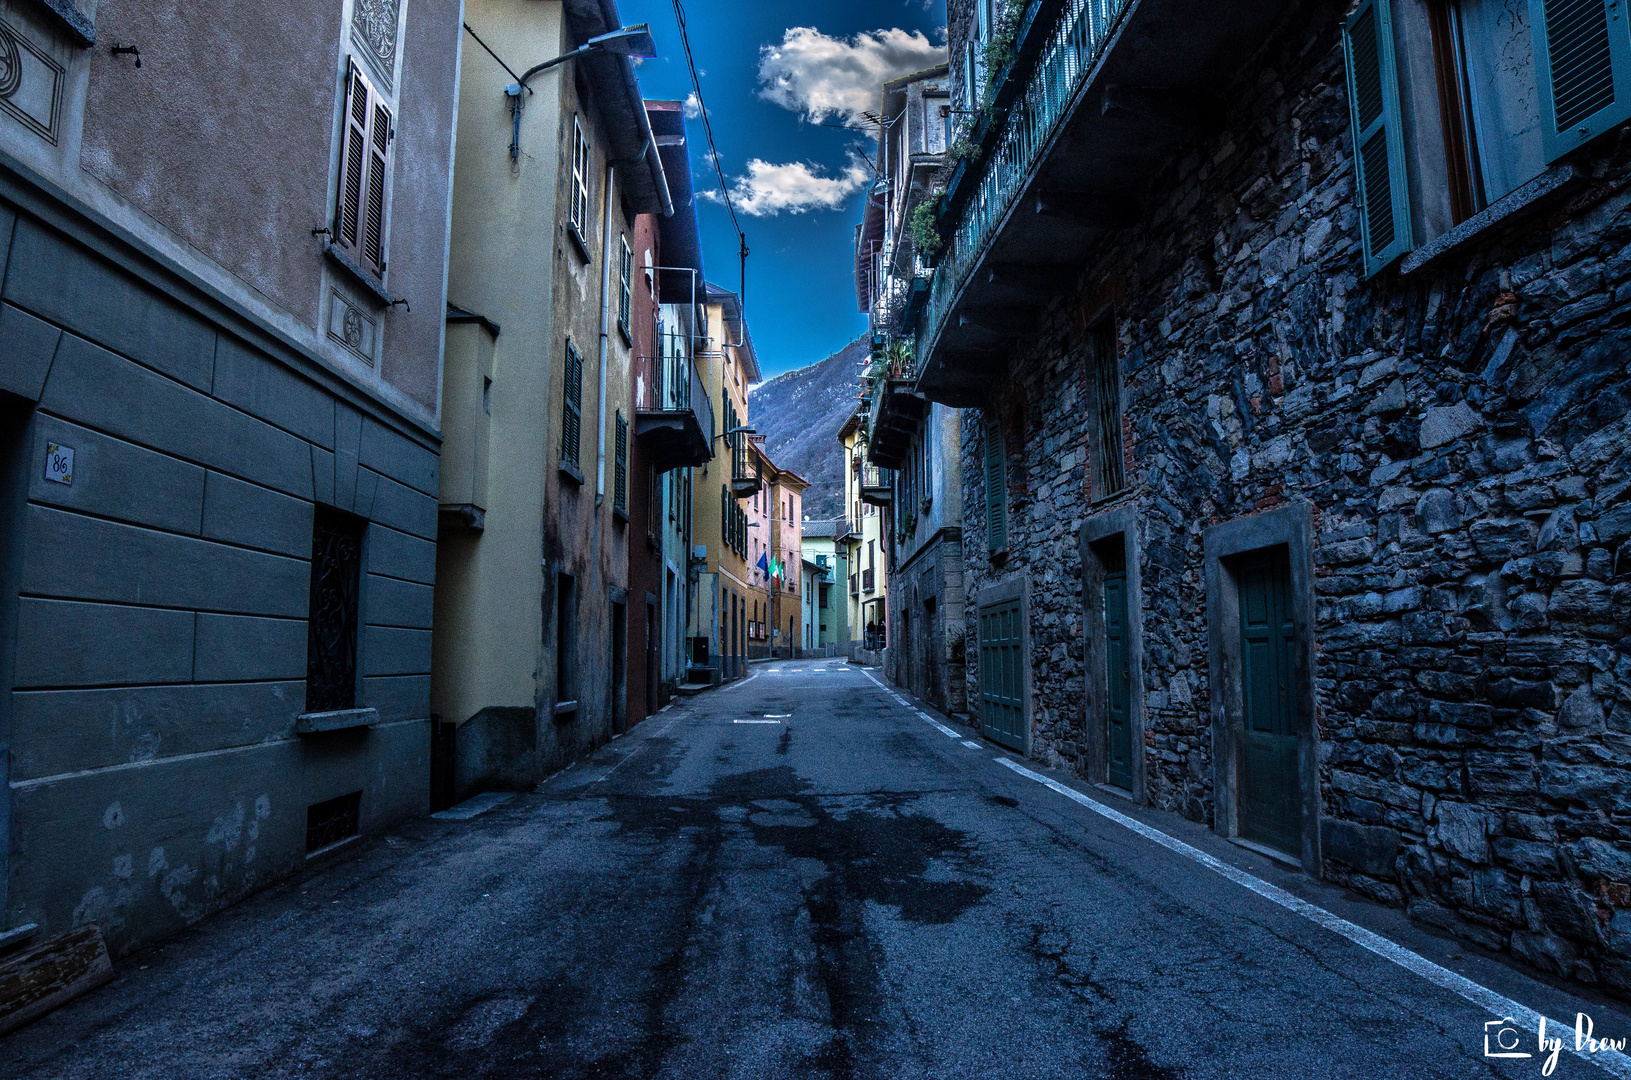 Brienno-Lago di Como